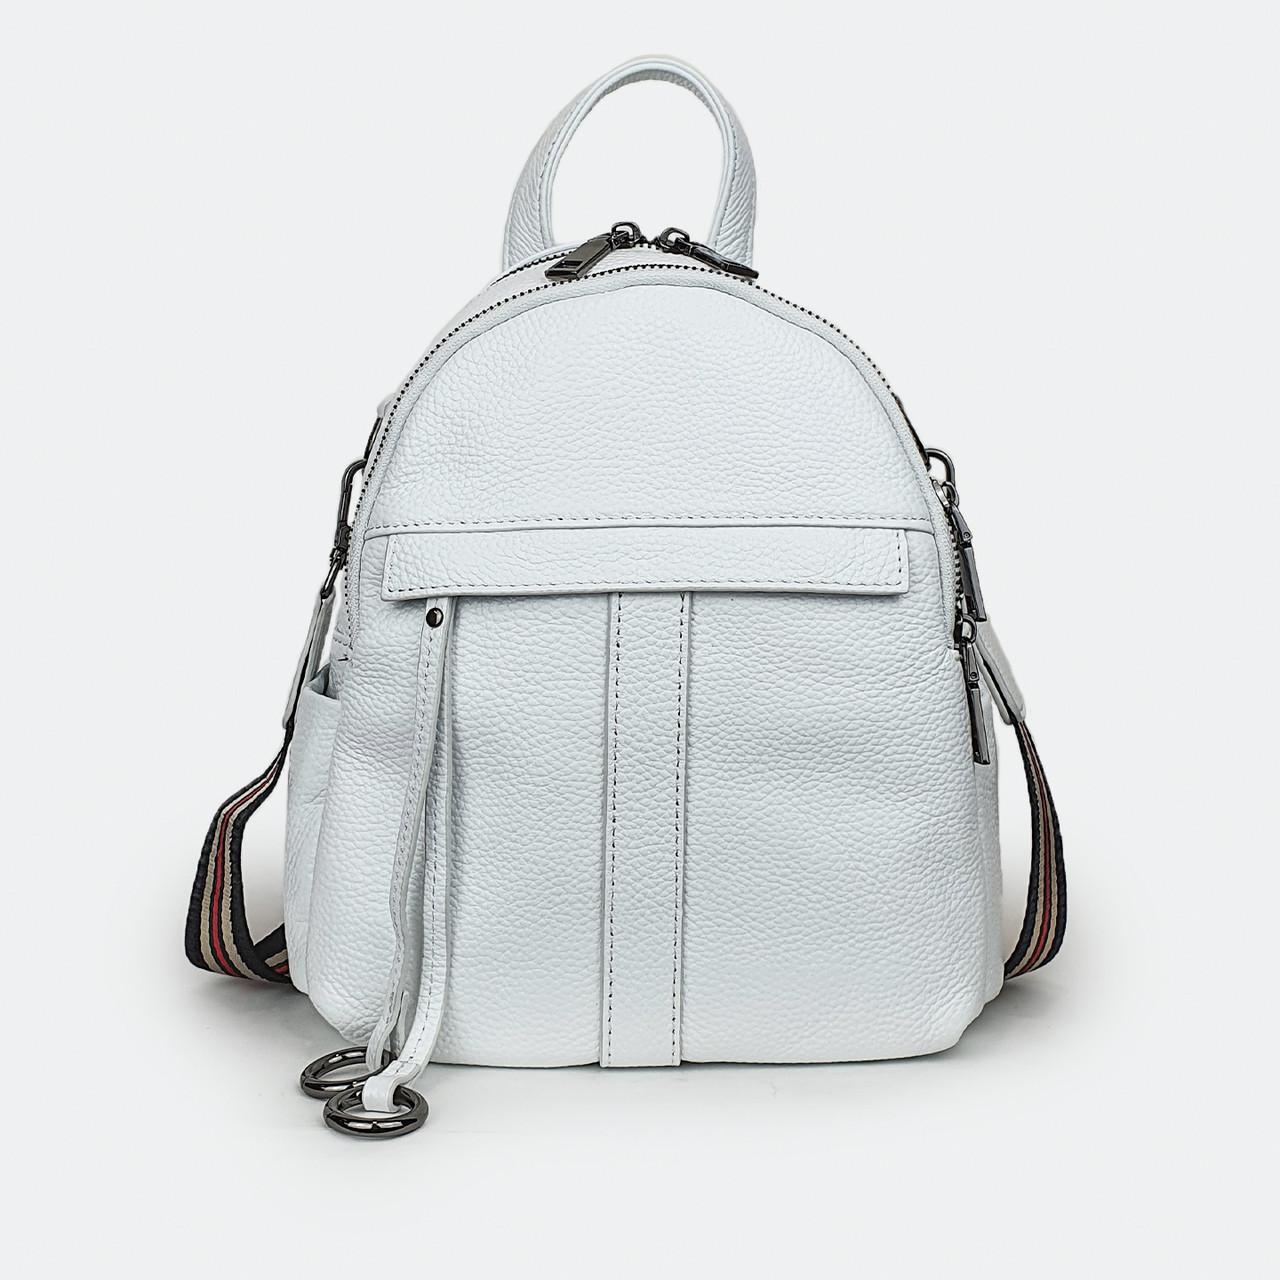 Міський сумка-рюкзак жіночий шкіряний білий 801-247 маленький